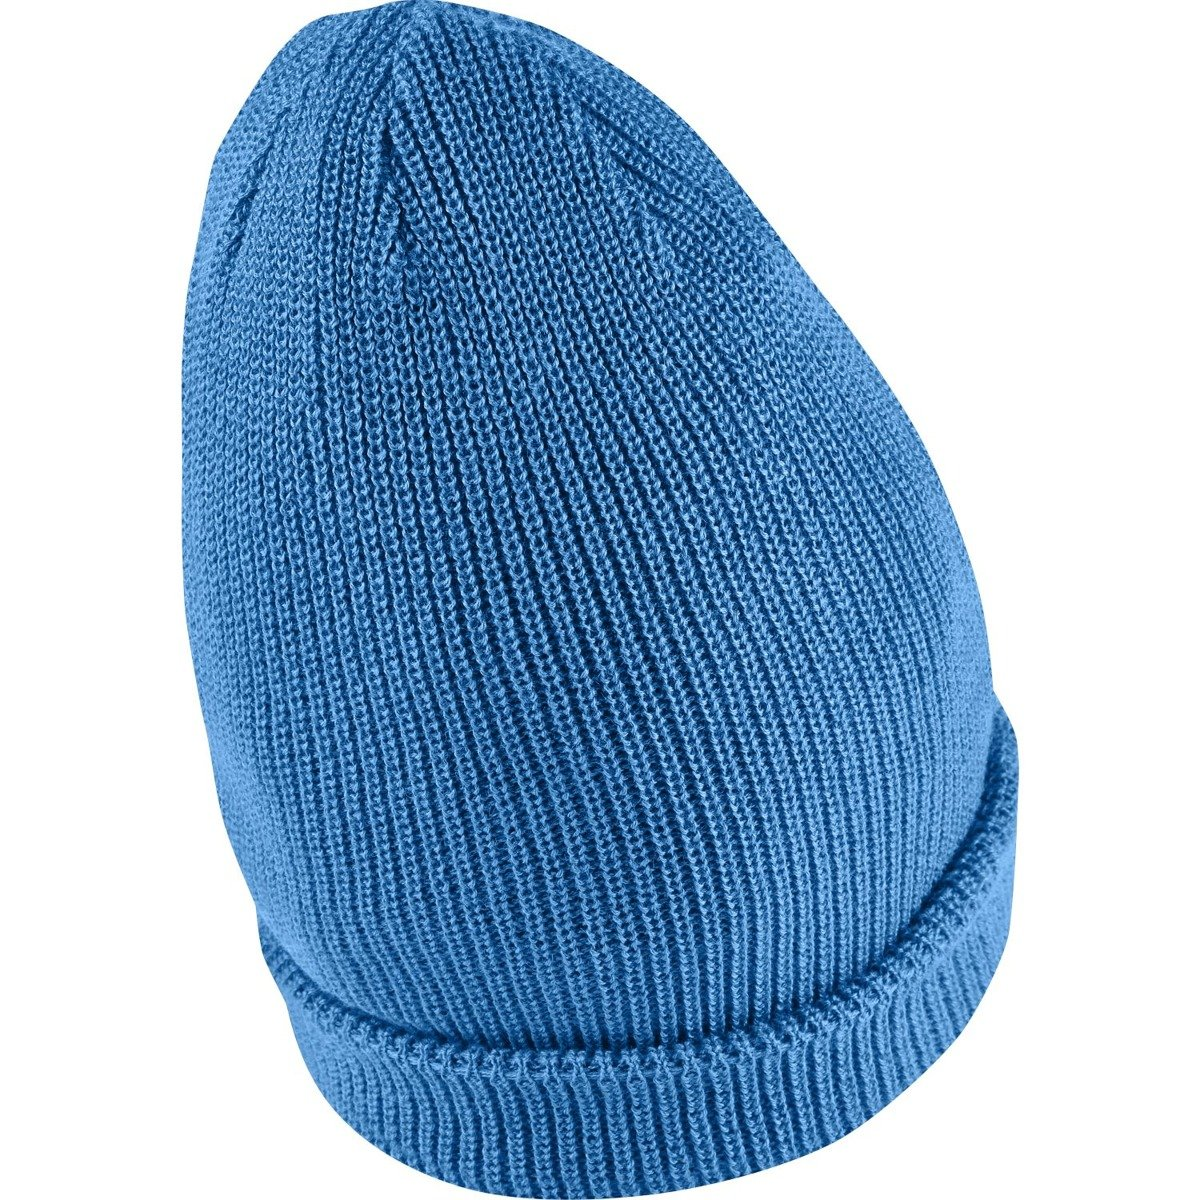 premium selection cdbbb 36e31 ... czapka nike sb surplus beanie lt photo blue obsidian Kliknij, aby  powiększyć